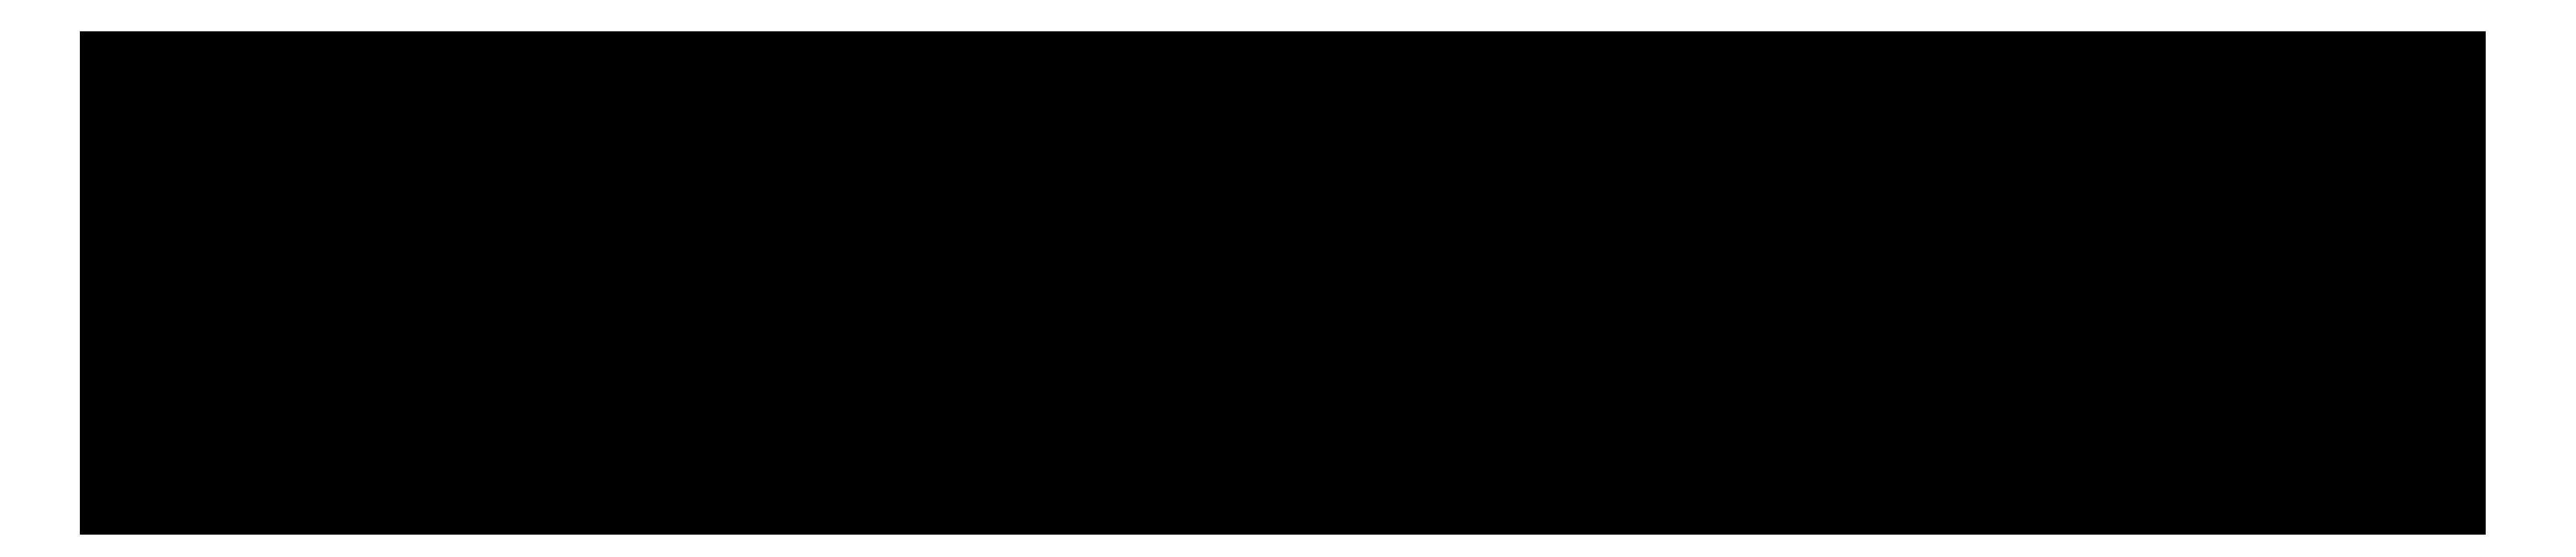 Stift, brief. Abbildung, -, stift, vektor, schwarz, brief, weißes,  karikatur.